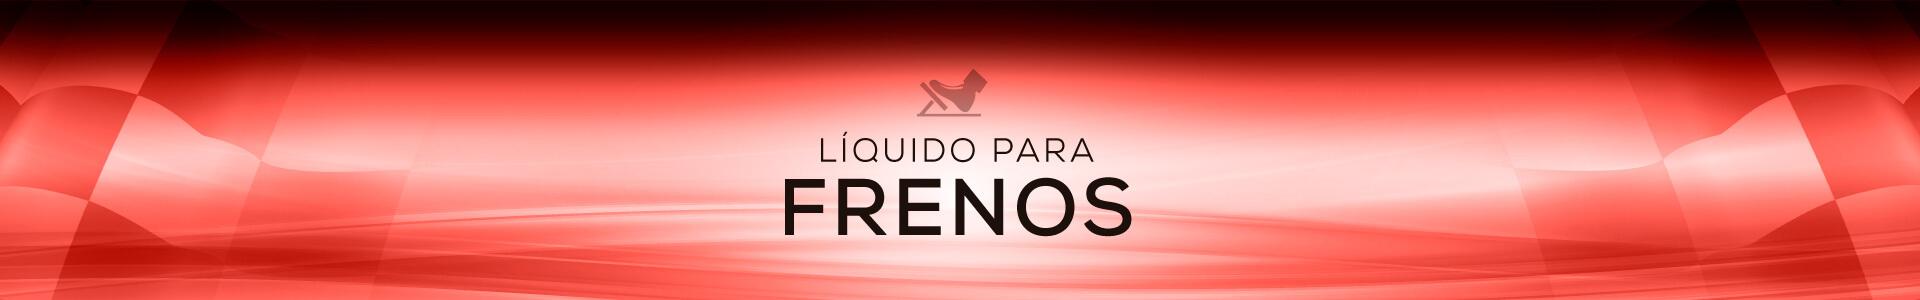 liquido_para_frenos-1920x300